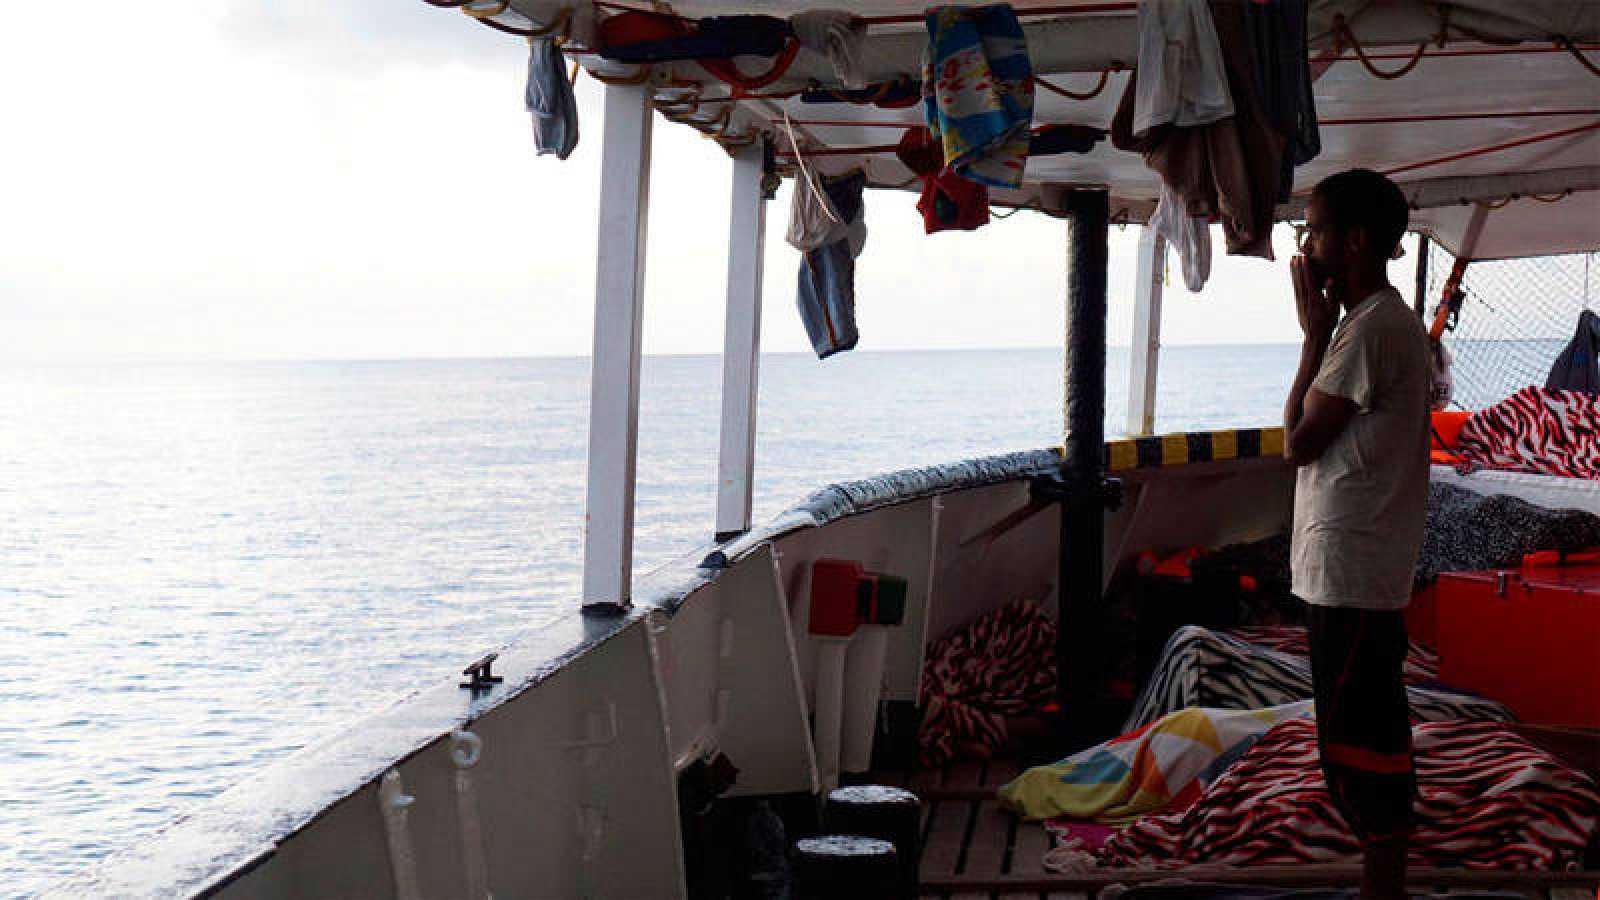 Uno de los 134 inmigrantes que lleva a bordo el Open Arms frente a la costa de Lampedusa